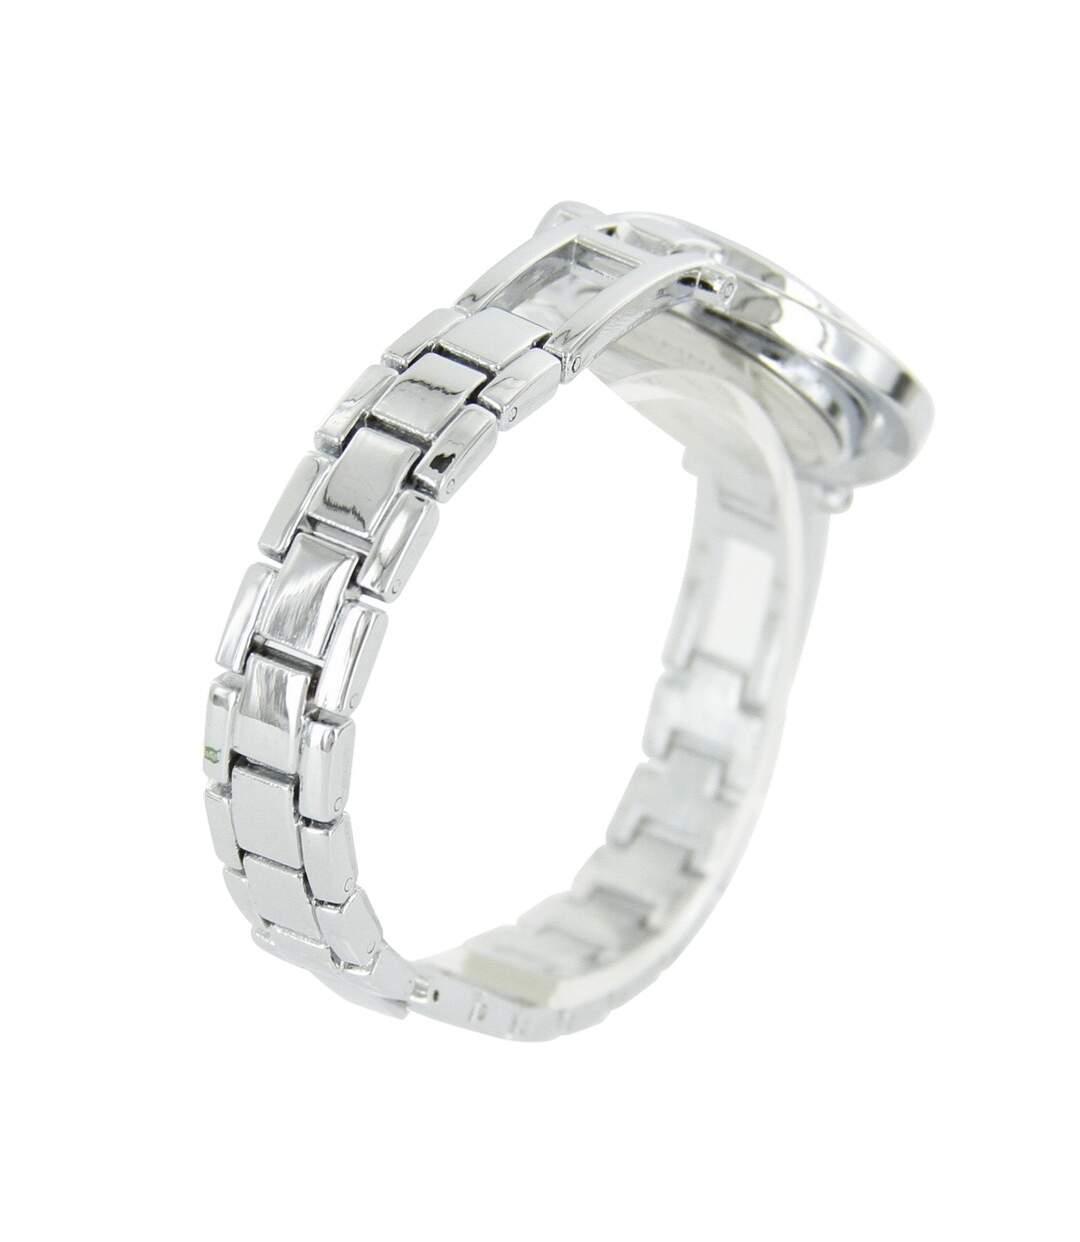 Dégagement Montre Femme GIORGIO bracelet Acier Argenté dsf.d455nksdKLFHG